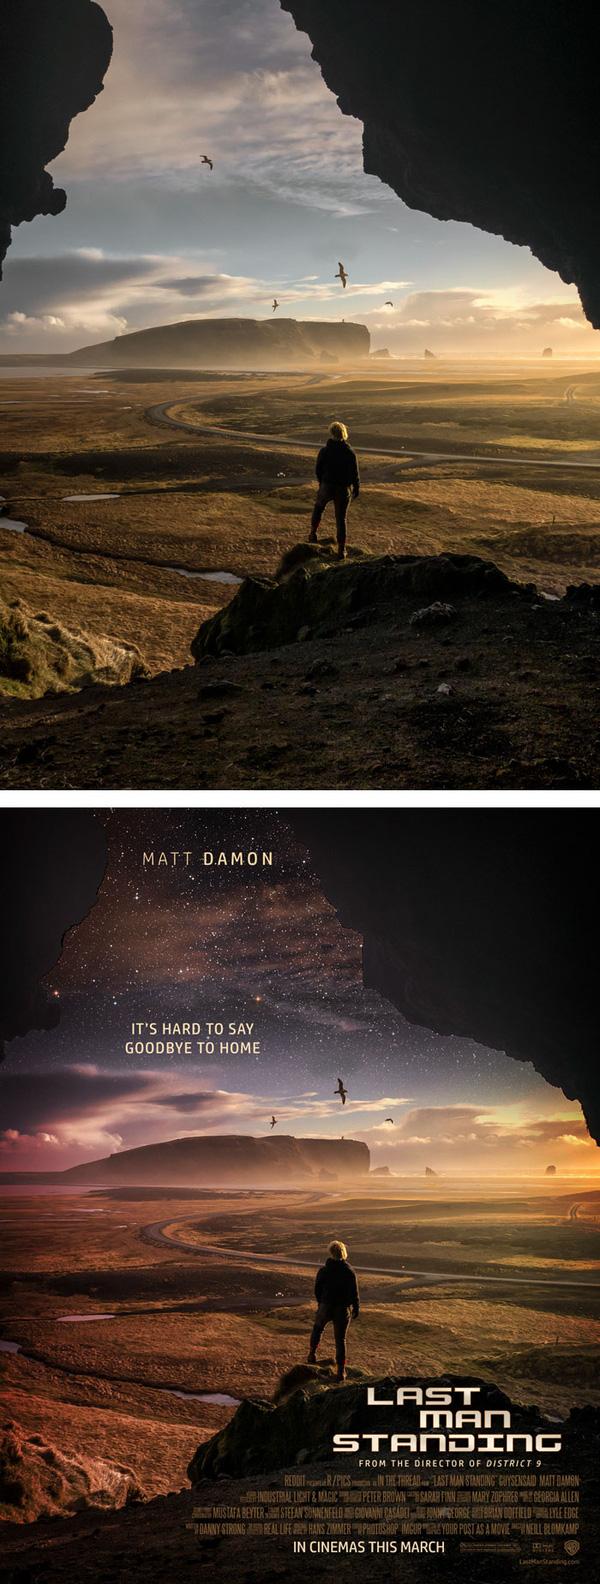 7. Bức ảnh check in sống ảo được tái chế xuất sắc thành poster bộ phim khoa học giả tưởng rất xuất sắc.